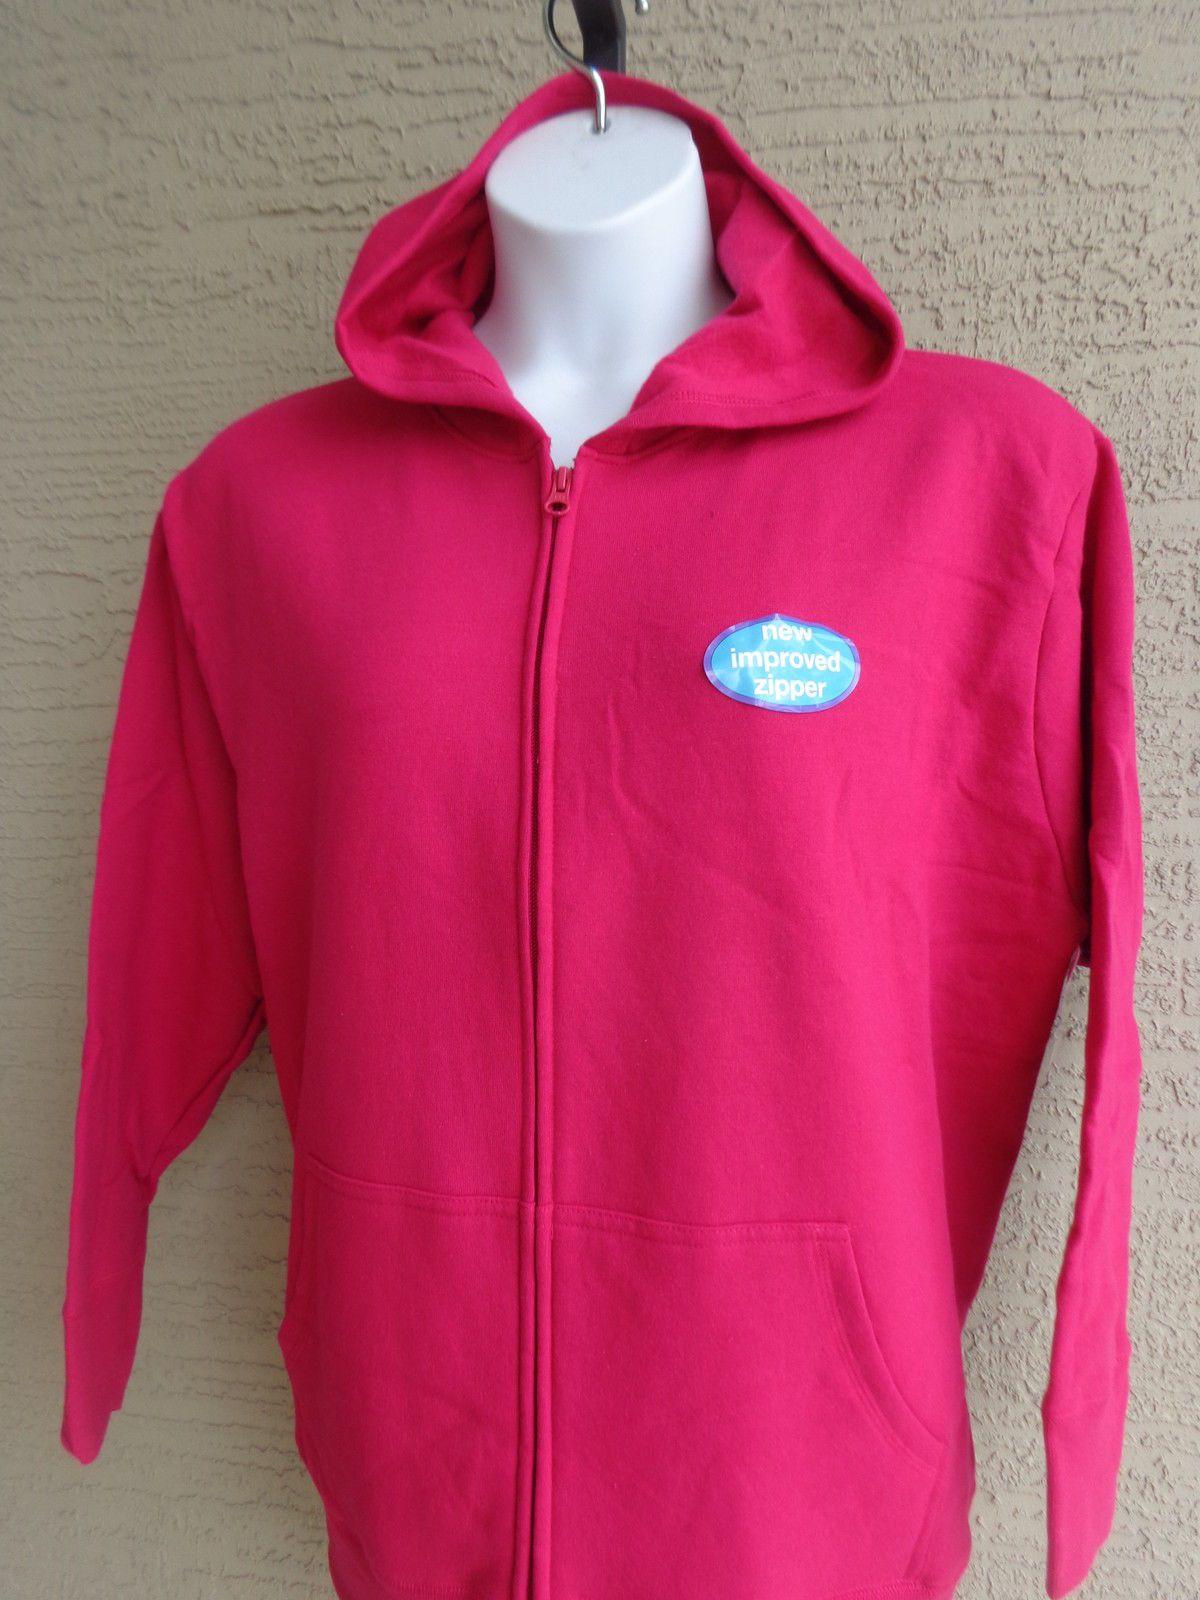 78c7ec028c5 Just My Size Eco Smart Sweats Zip Front Hooded Sweatshirt 2X Raspberry